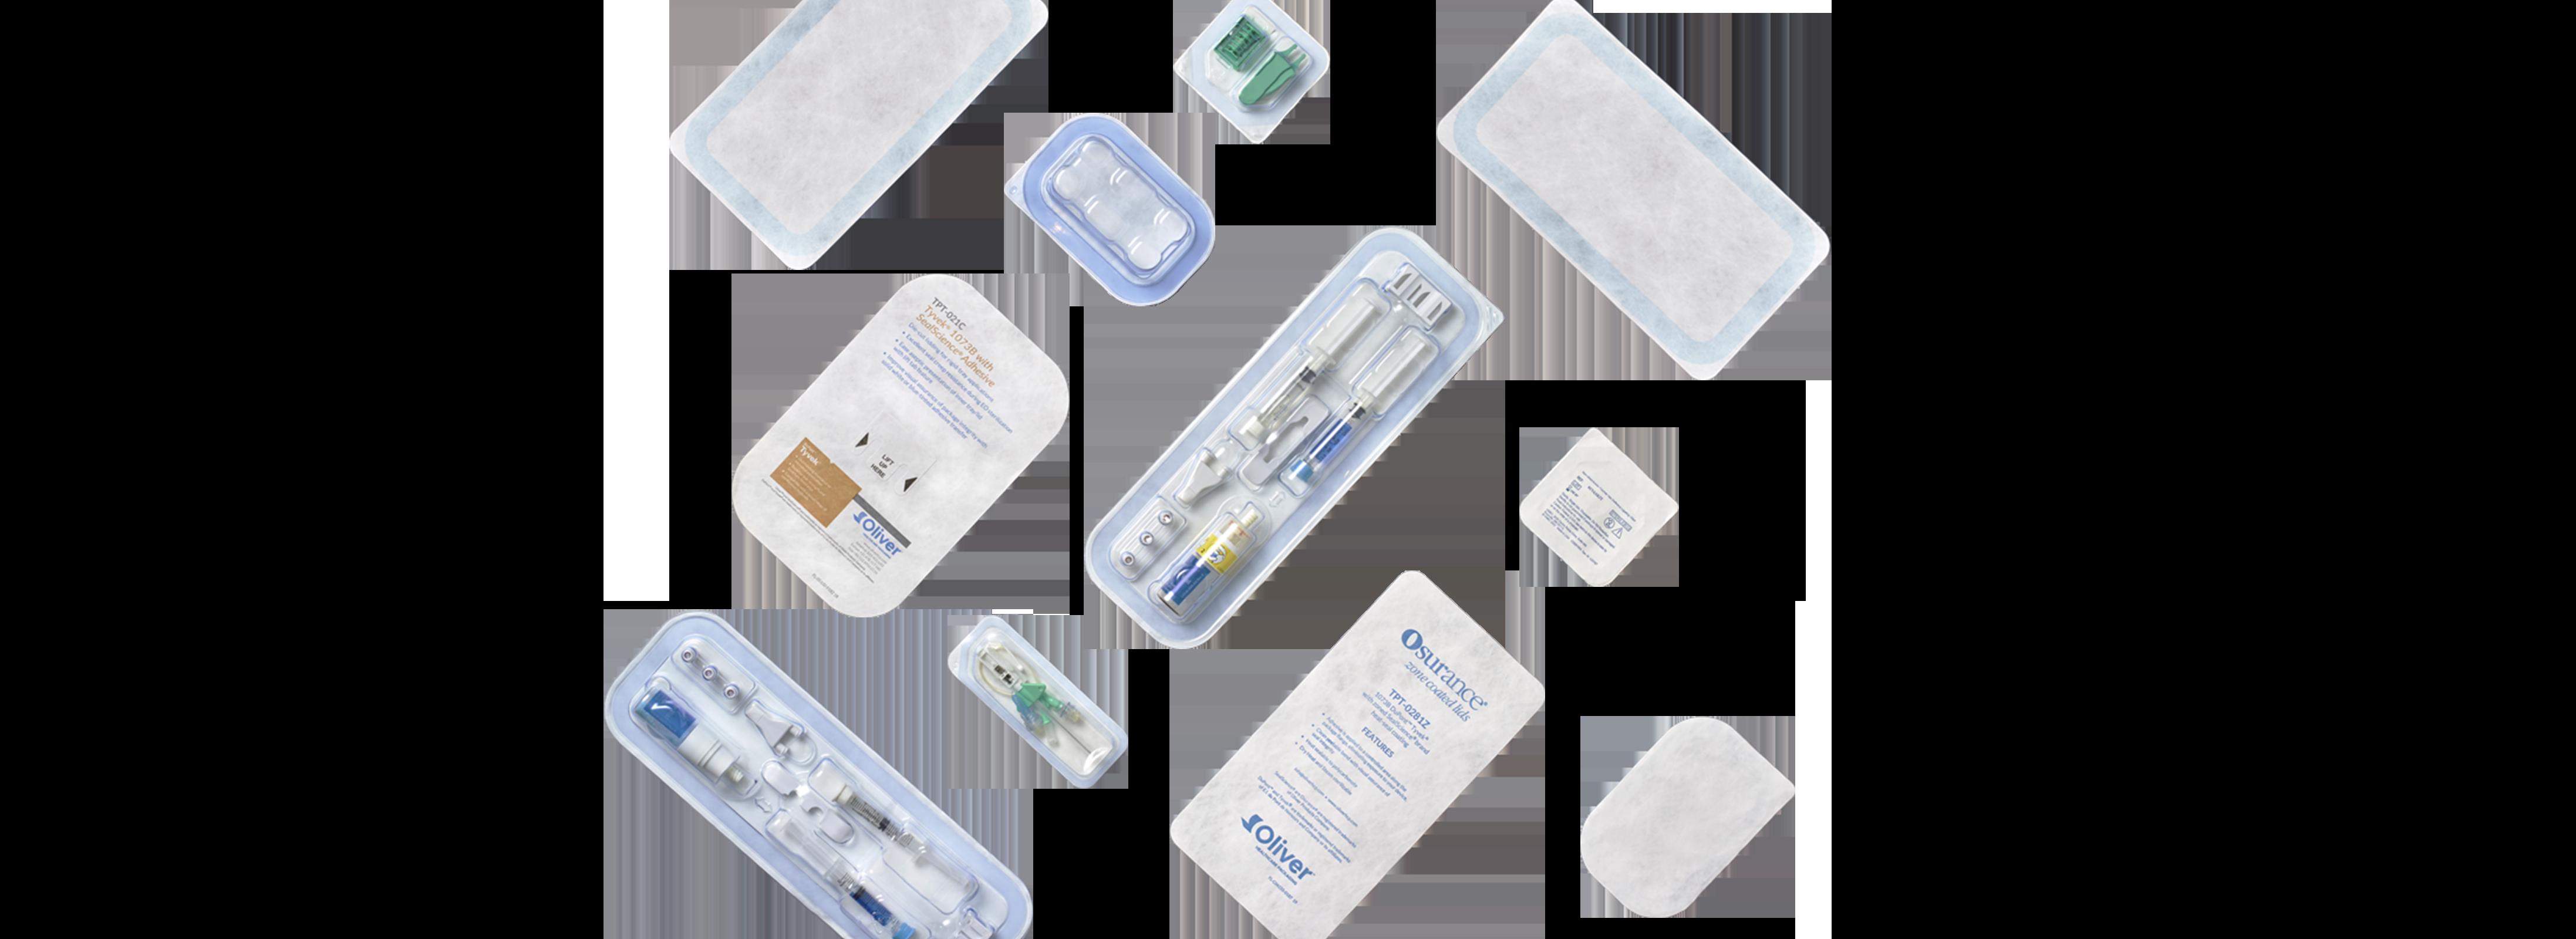 Gestanzte Deckel für medizinische Verpackungen | Oliver Healthcare Packaging